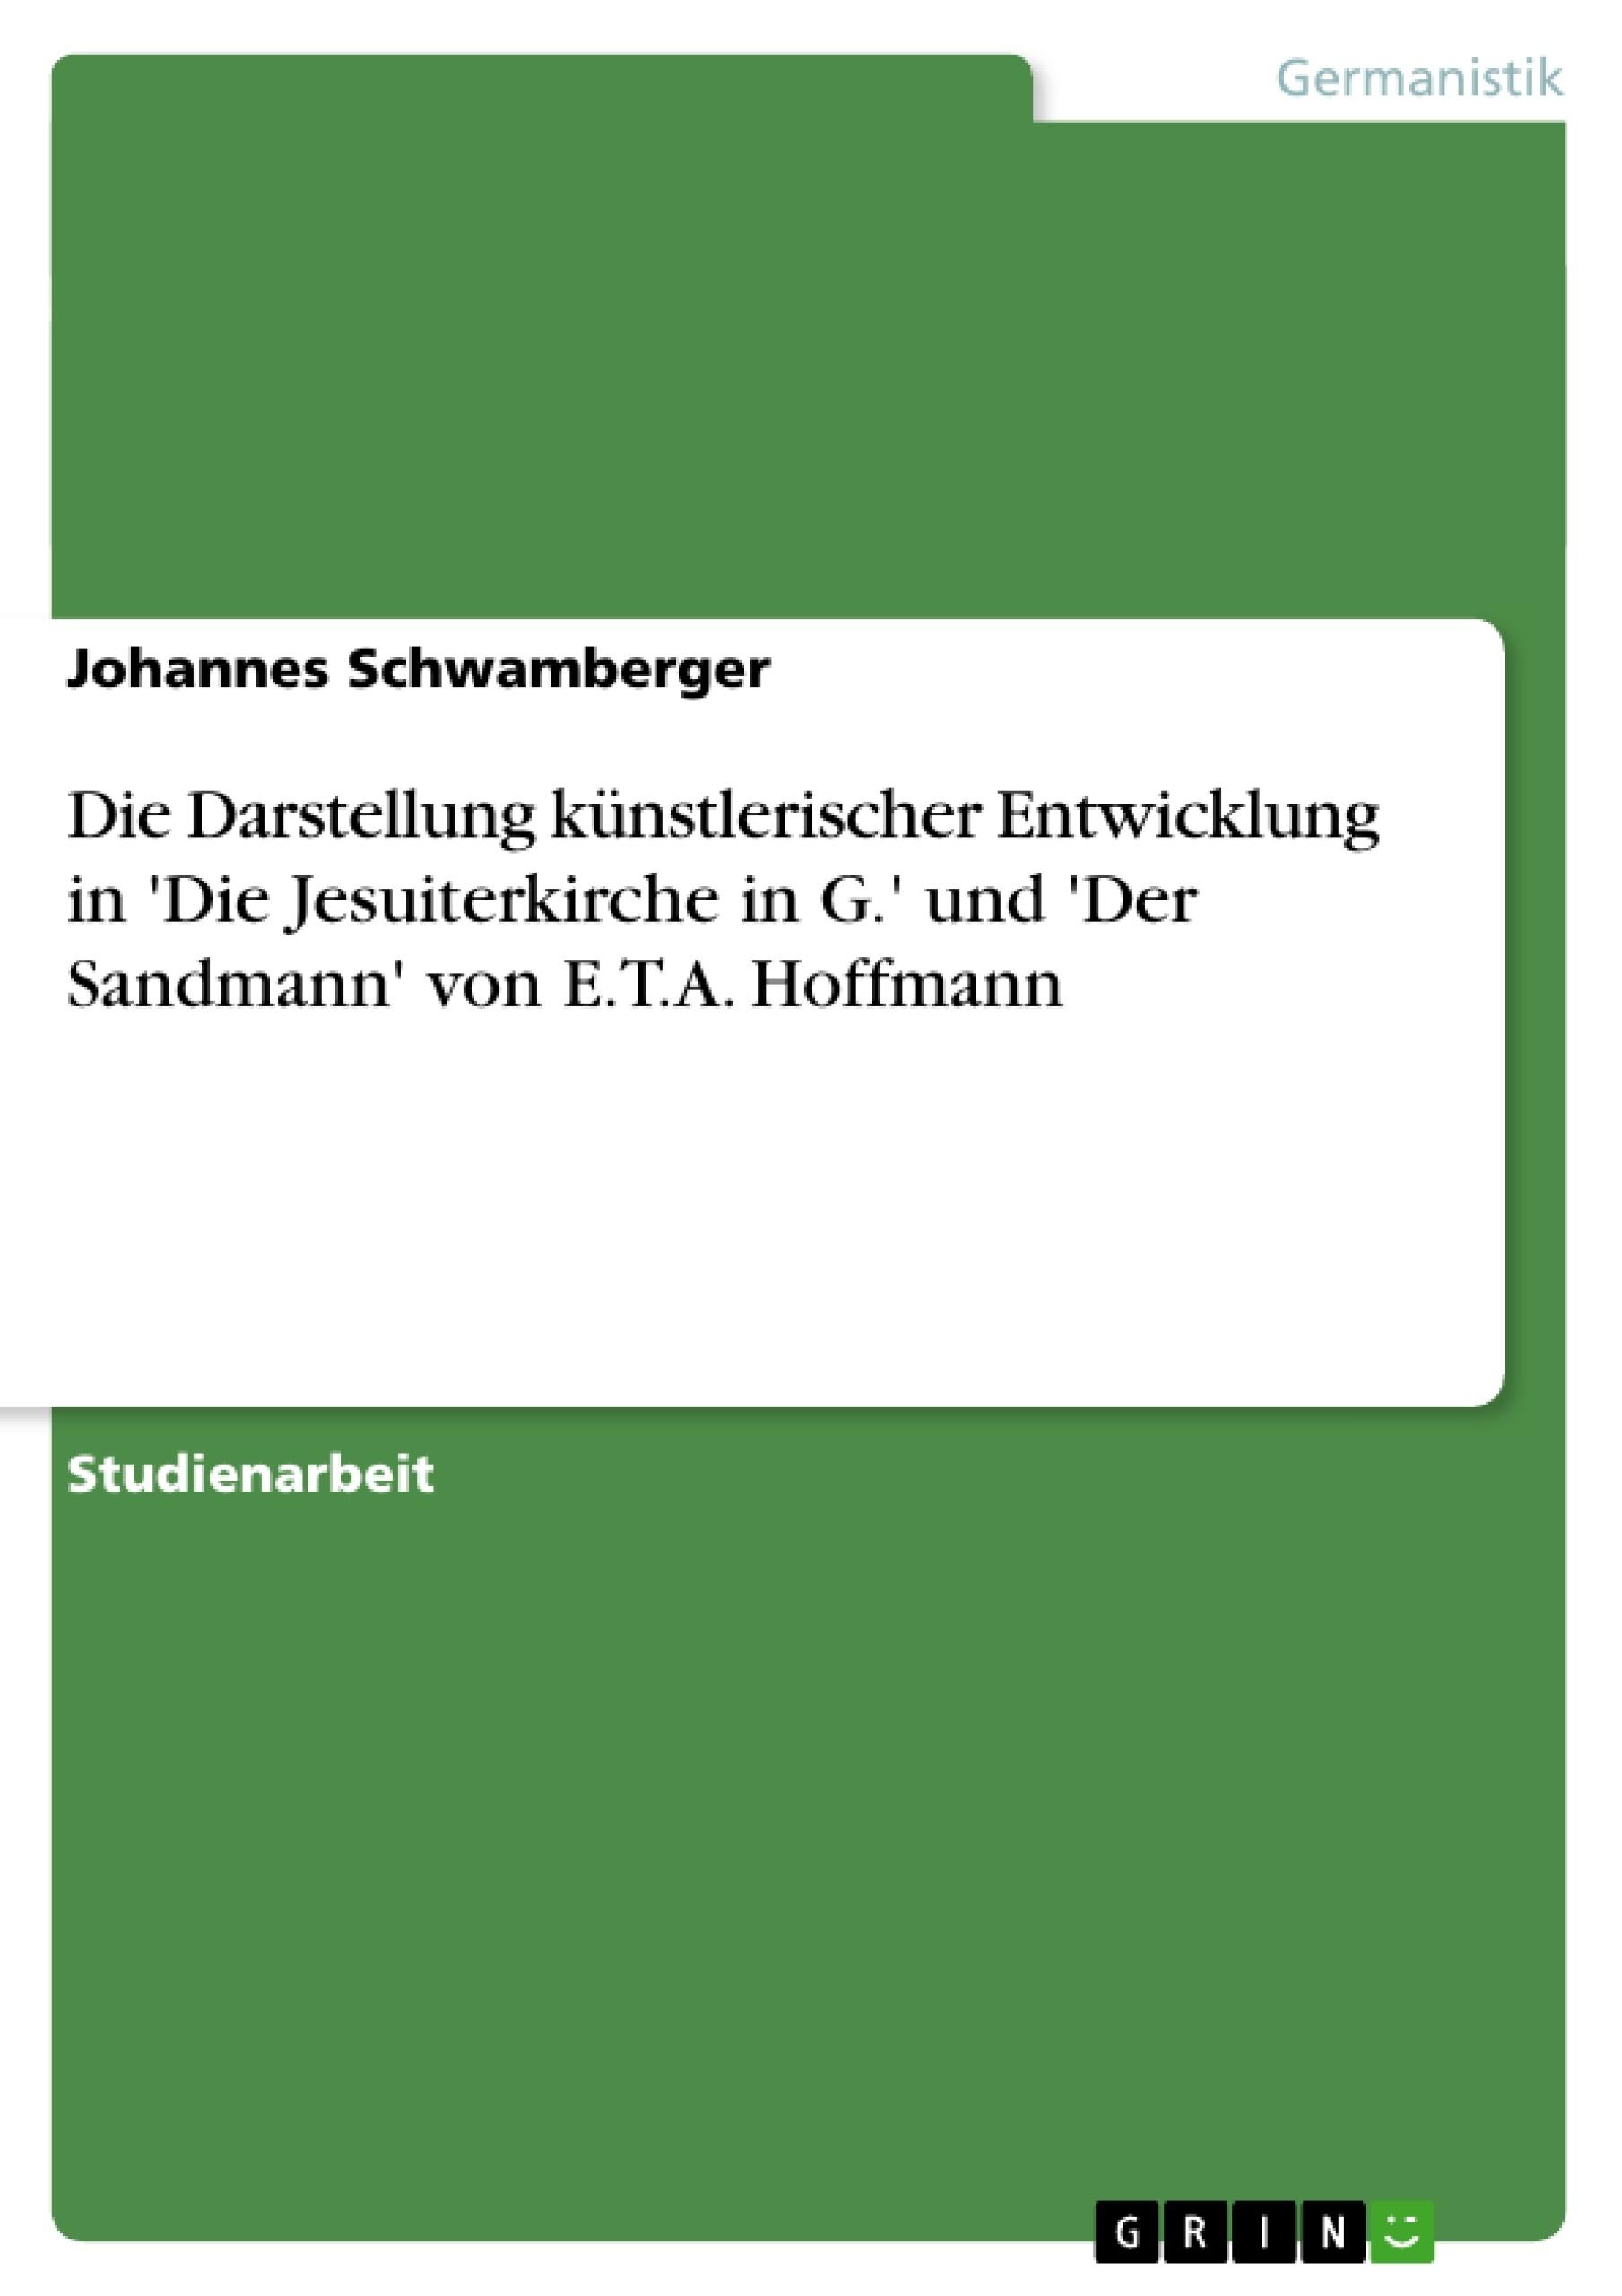 Titel: Die Darstellung künstlerischer Entwicklung in 'Die Jesuiterkirche in G.' und 'Der Sandmann' von E.T.A. Hoffmann